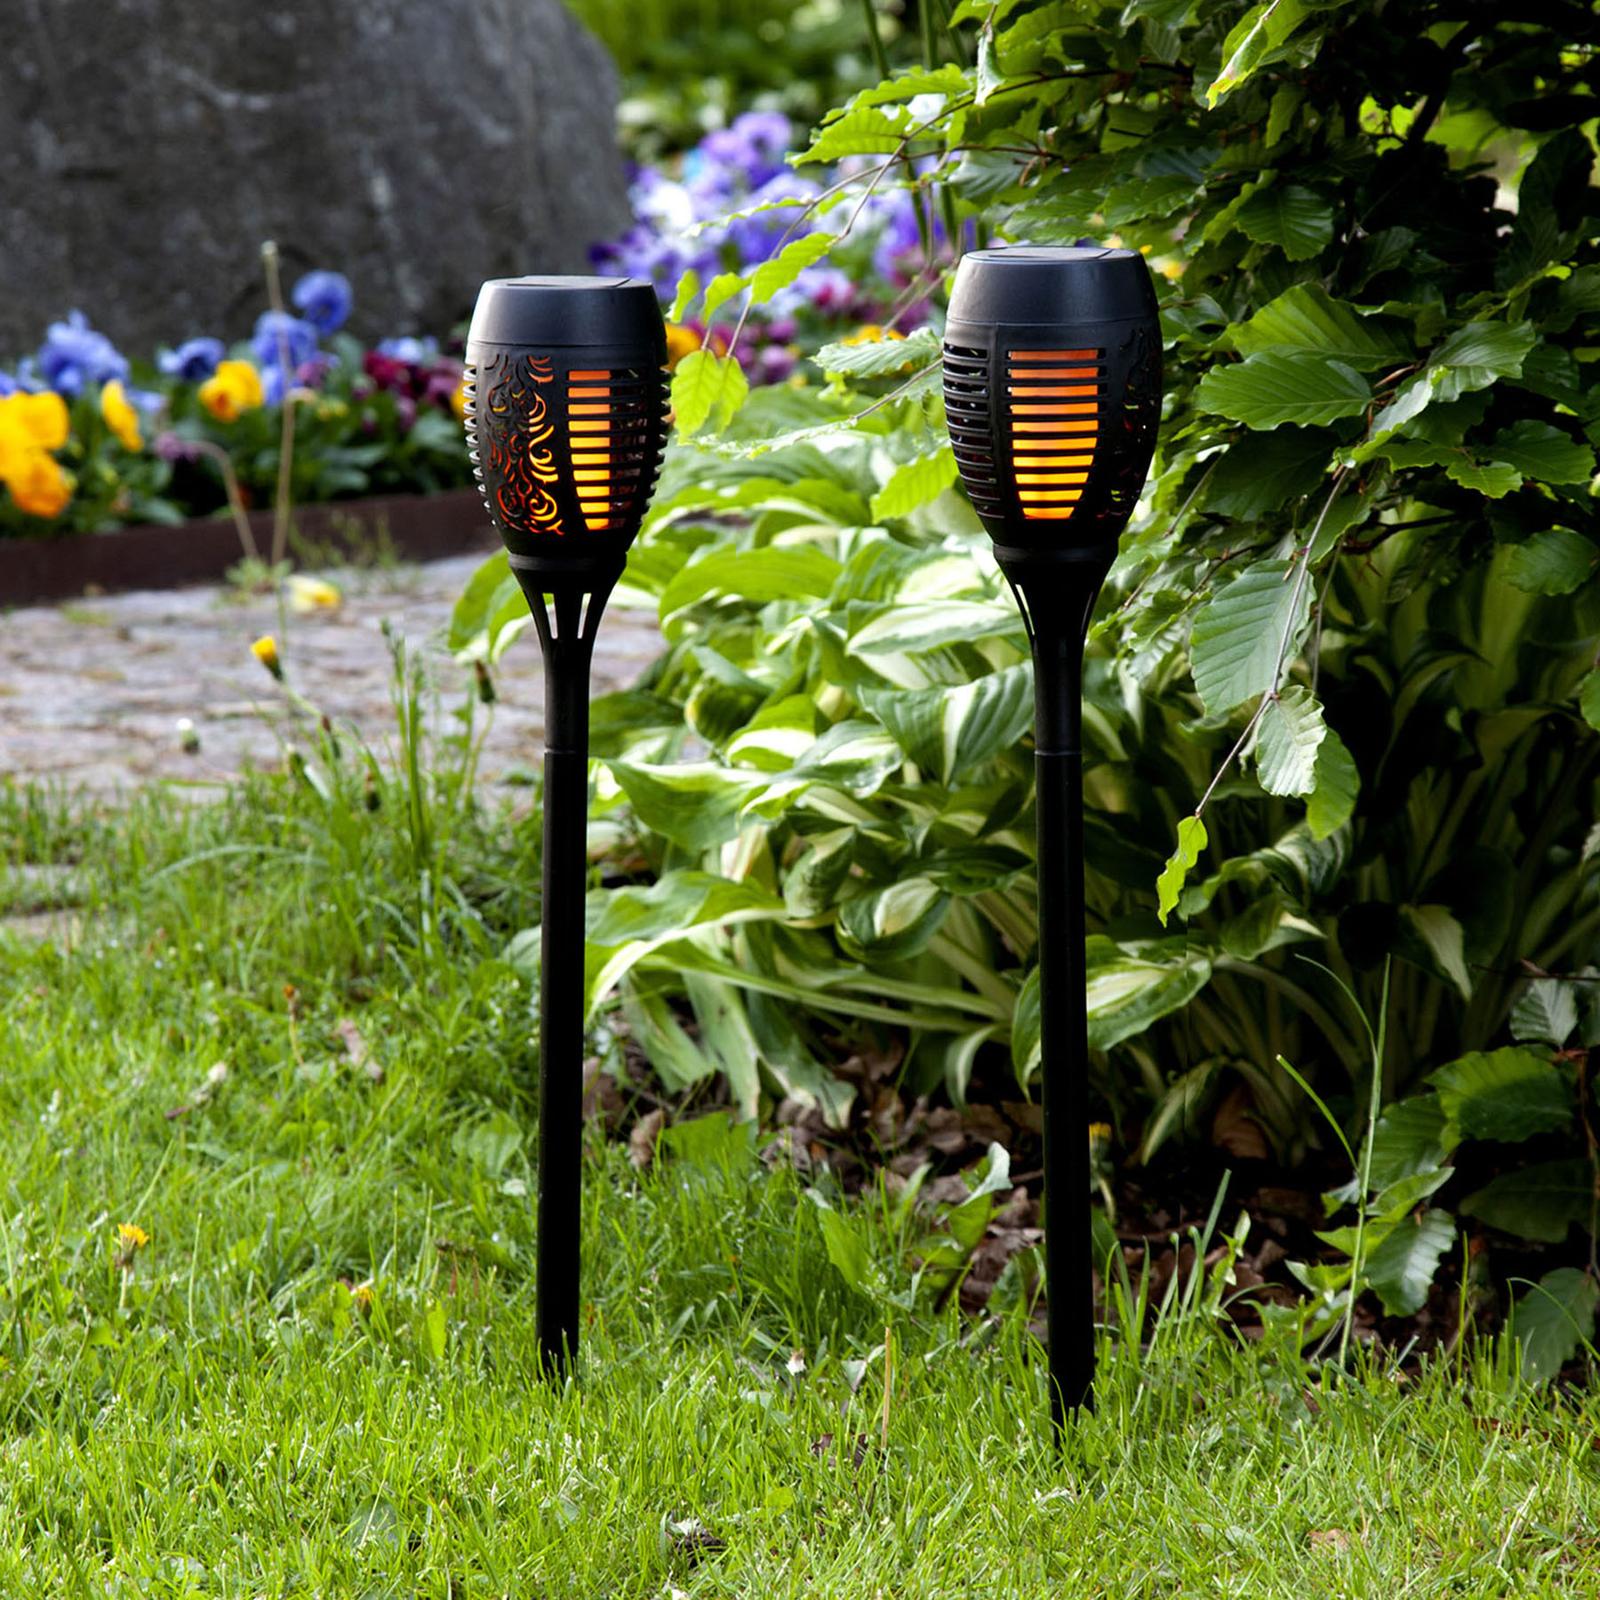 LED-solcellelampe Flame med jordspyd, 2-pakning